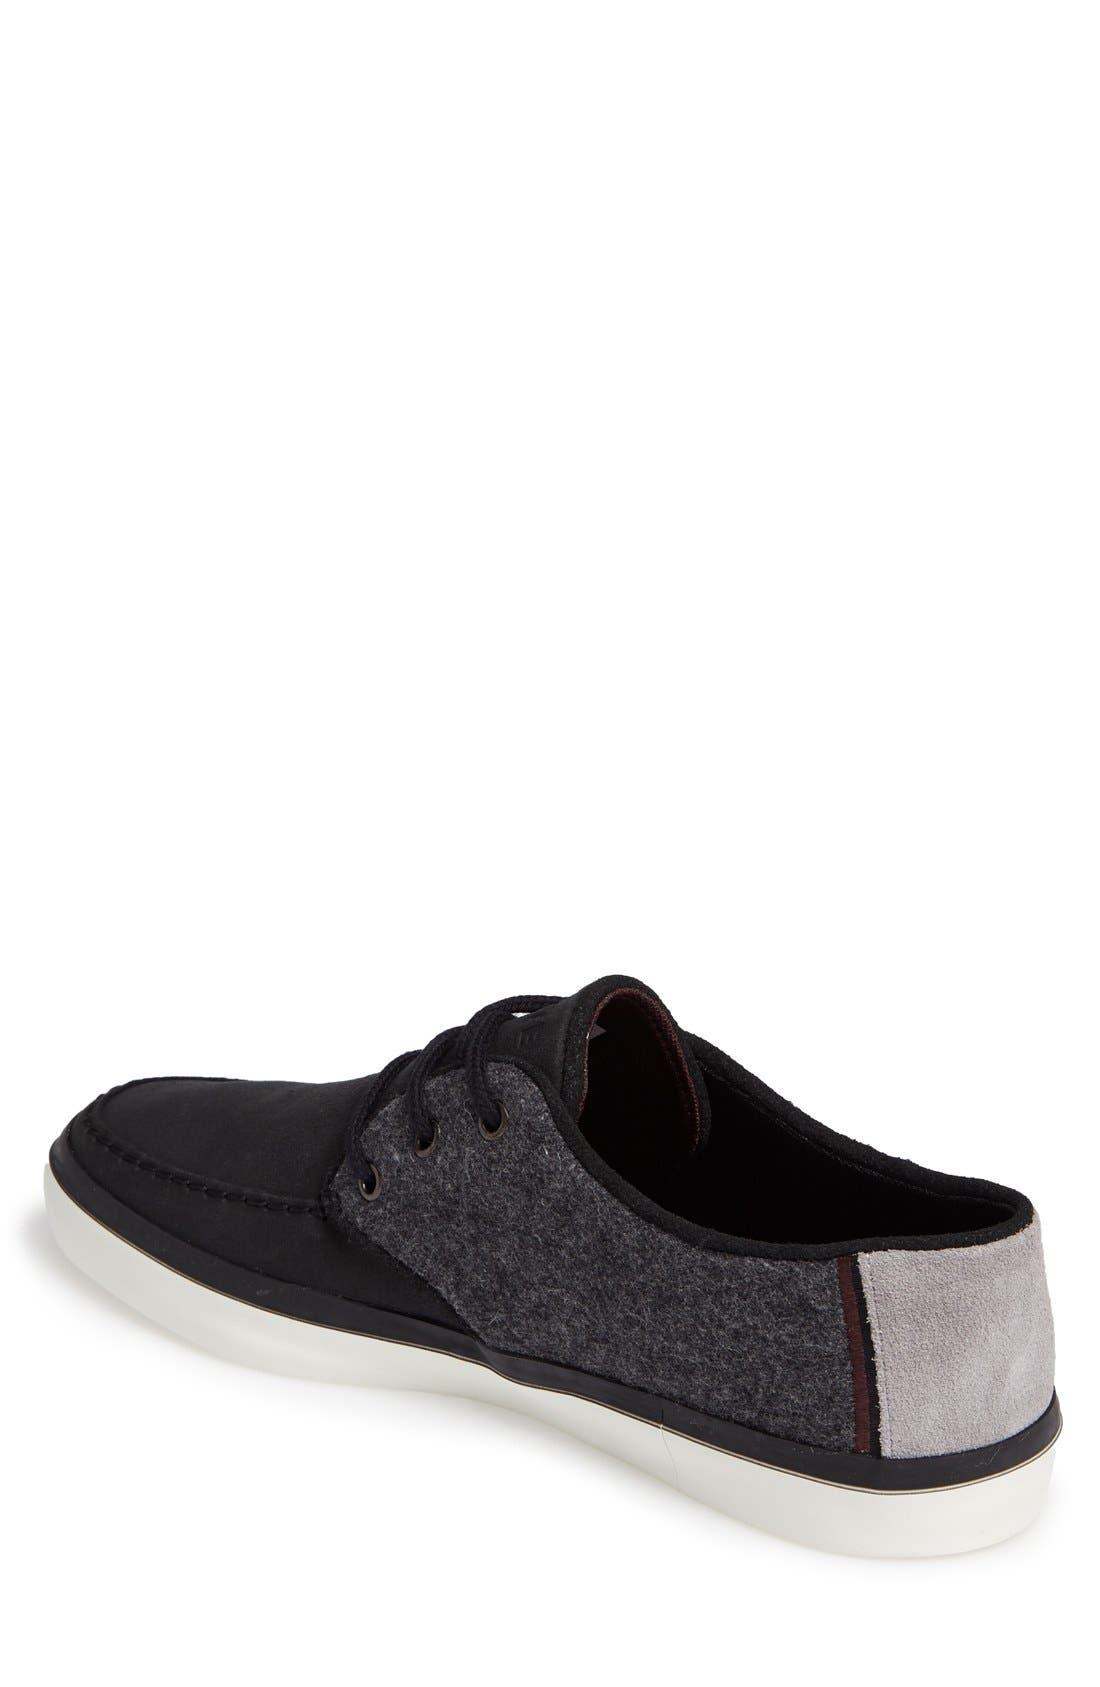 'Sevrin 1161' Sneaker,                             Alternate thumbnail 5, color,                             008